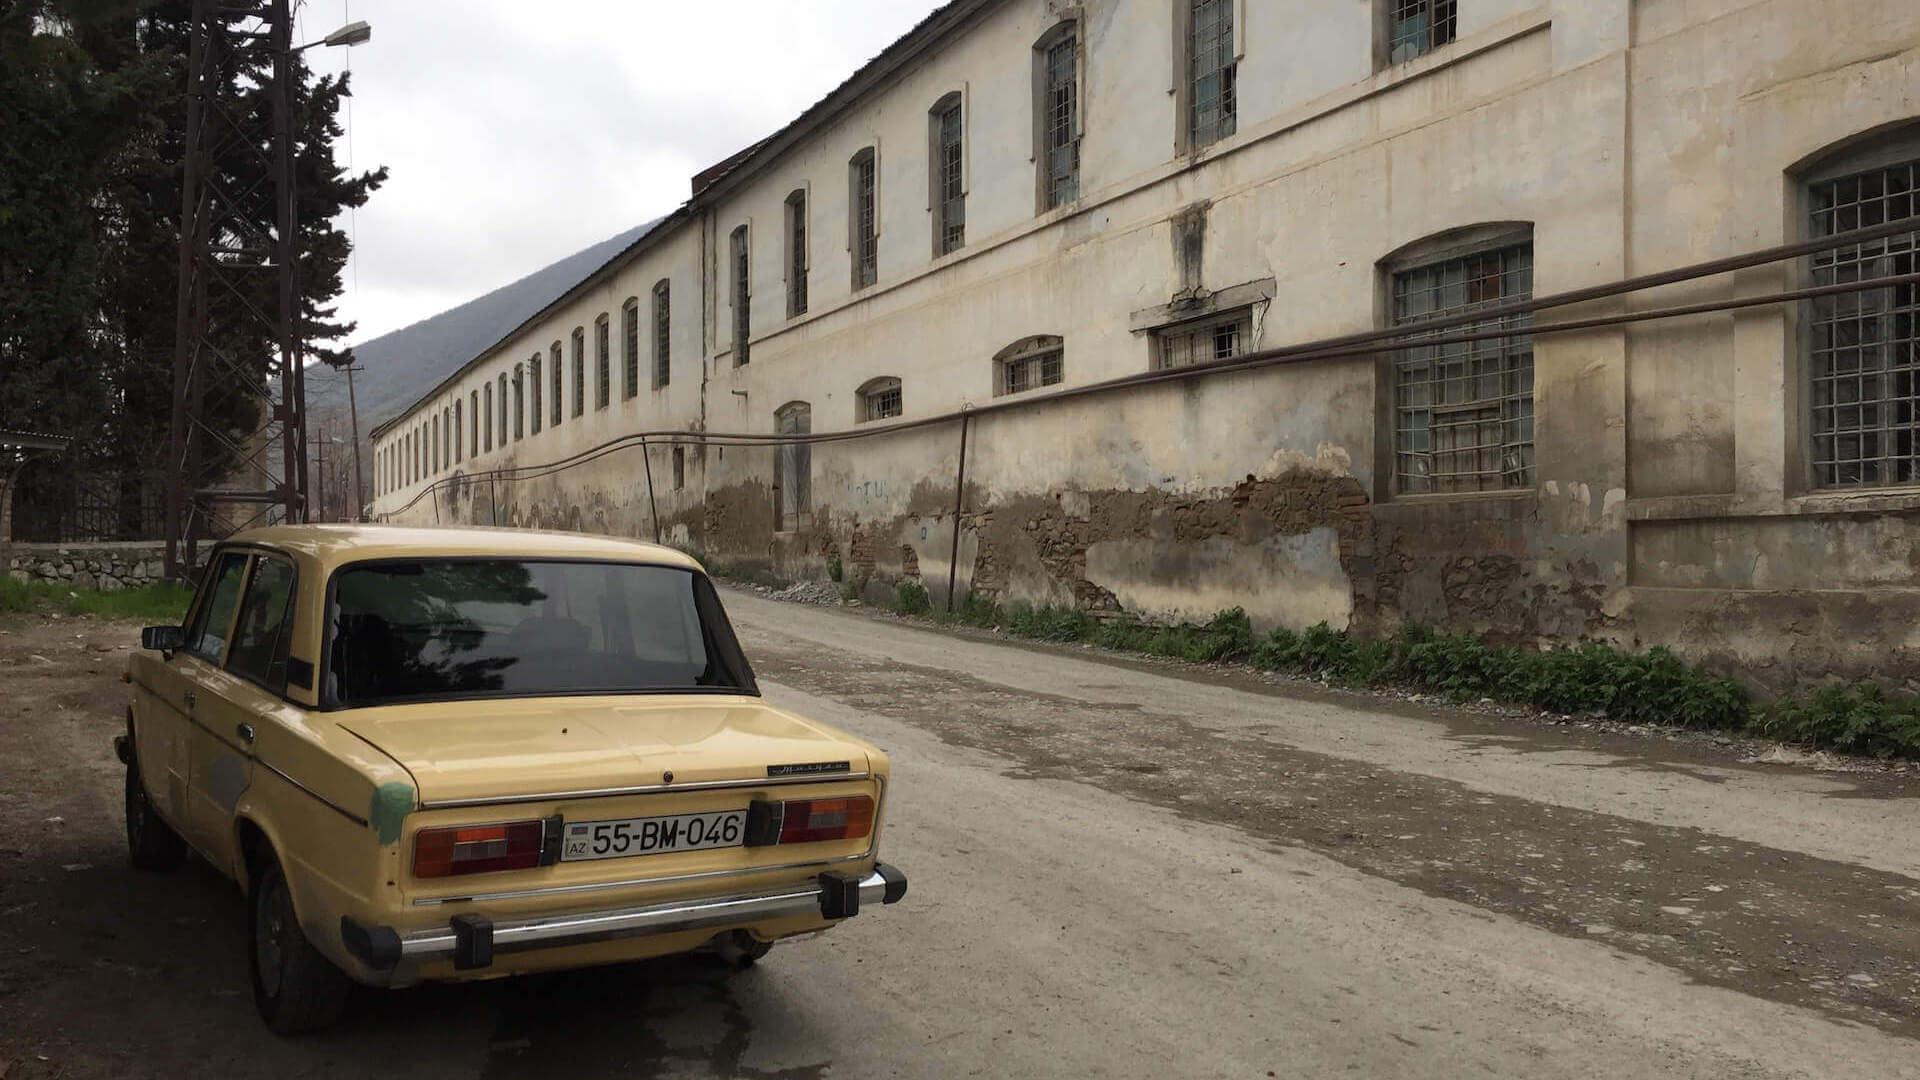 Oude auto in de straten van Sheki in Azerbeidzjan